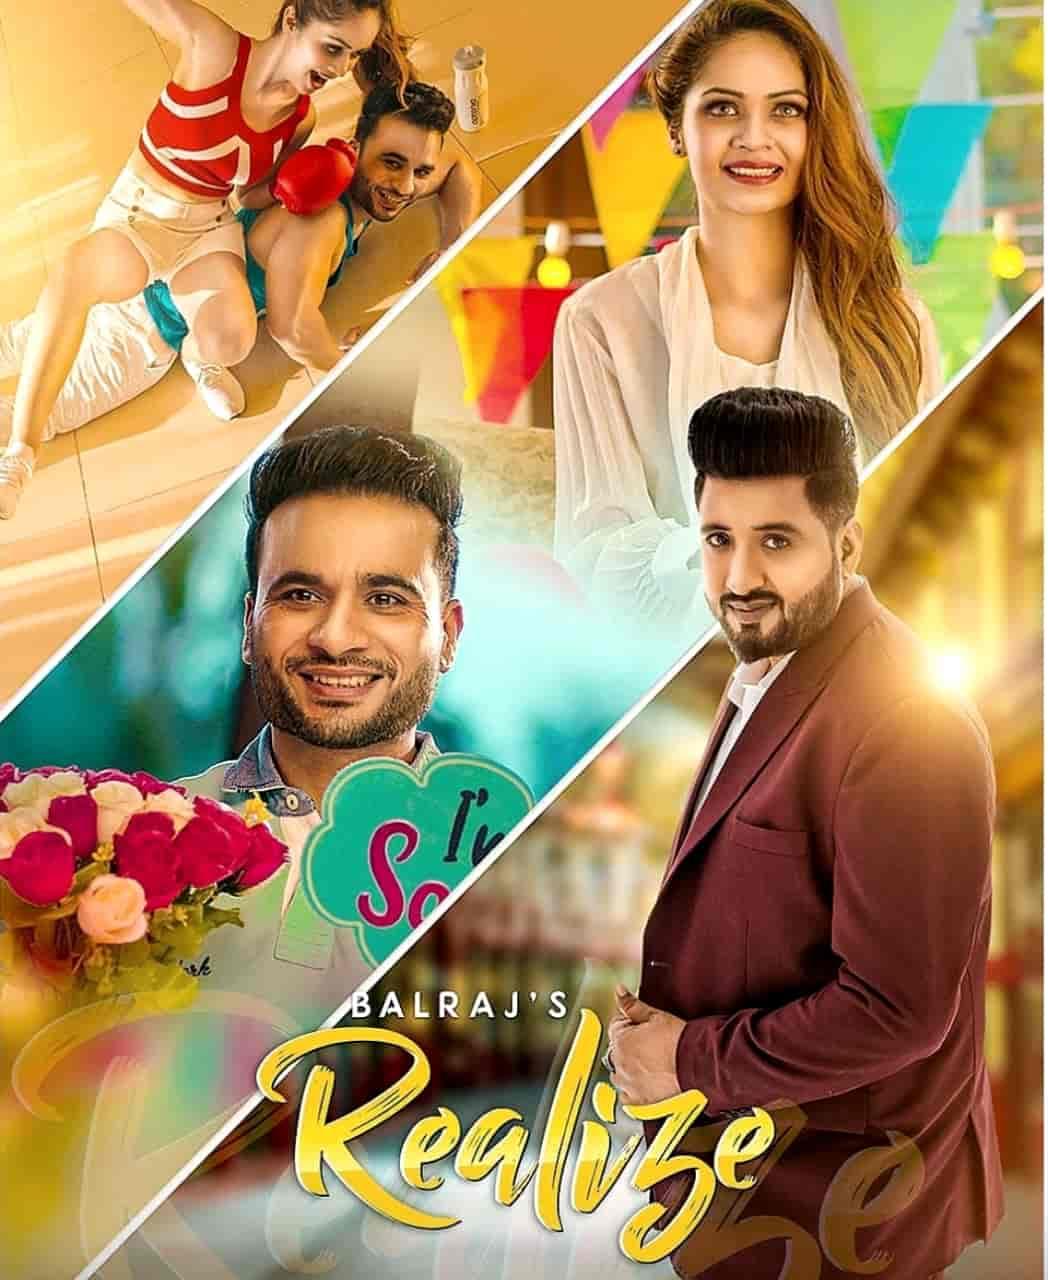 Realize Beautiful Punjabi Song Image By Balraj